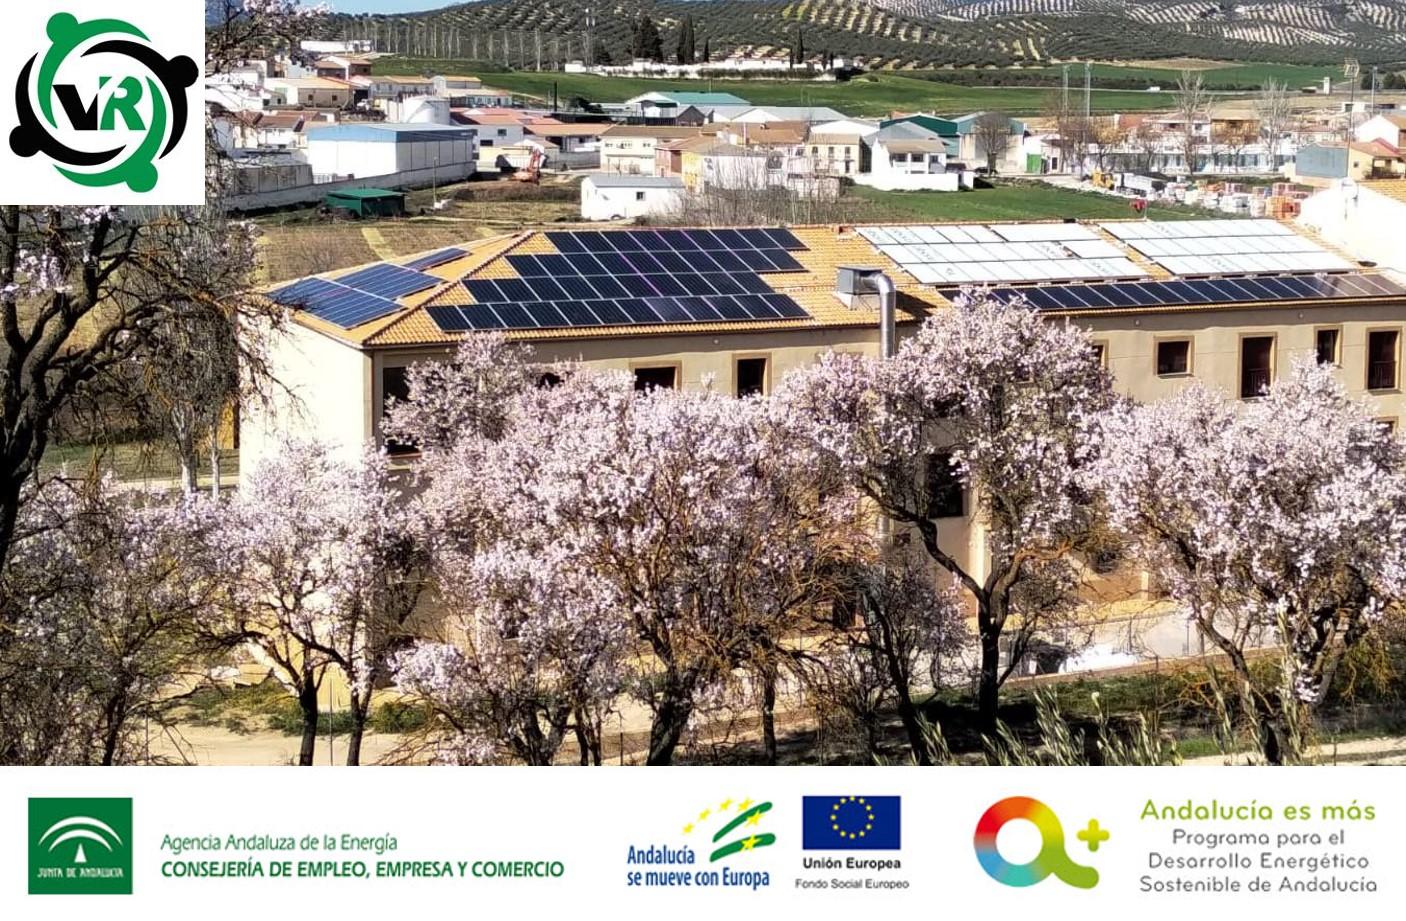 Subvención instalaciones de energía solar fotovoltaica para Residencia Virgen de los Remedios, S.L.